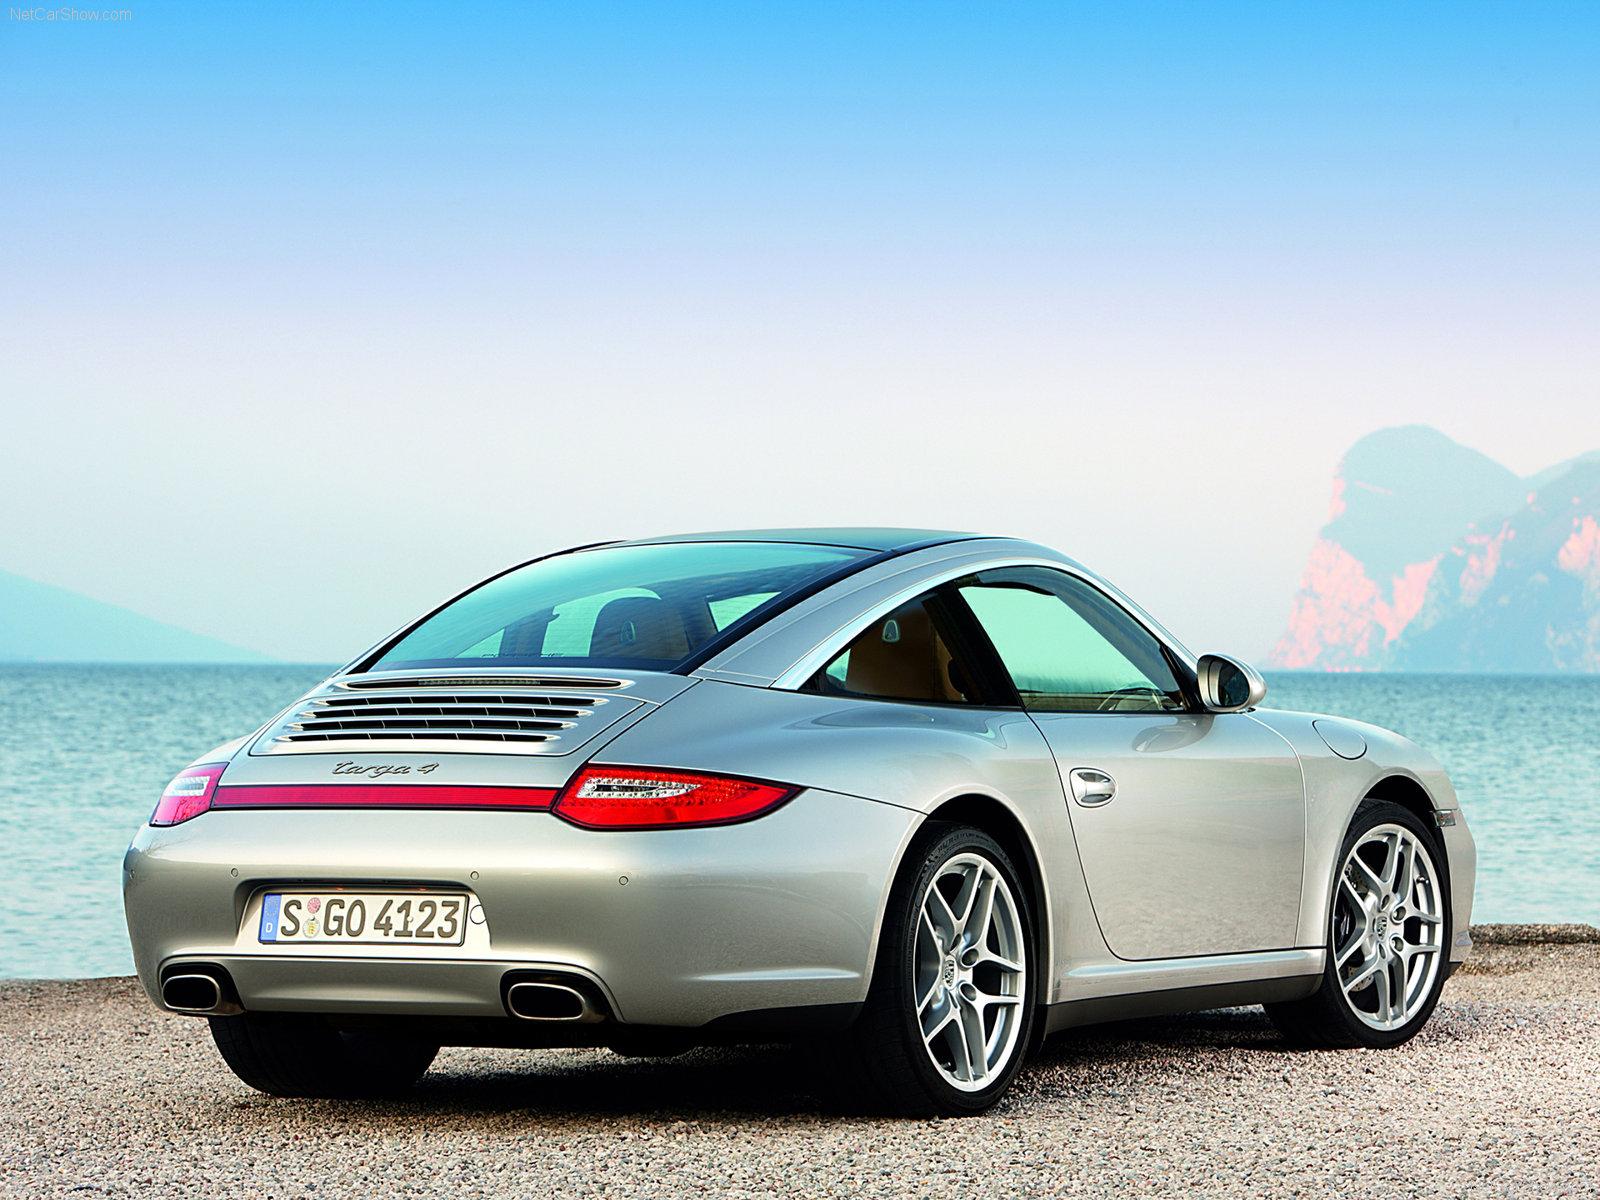 2009 Silver Porsche 911 Targa 4 Wallpapers